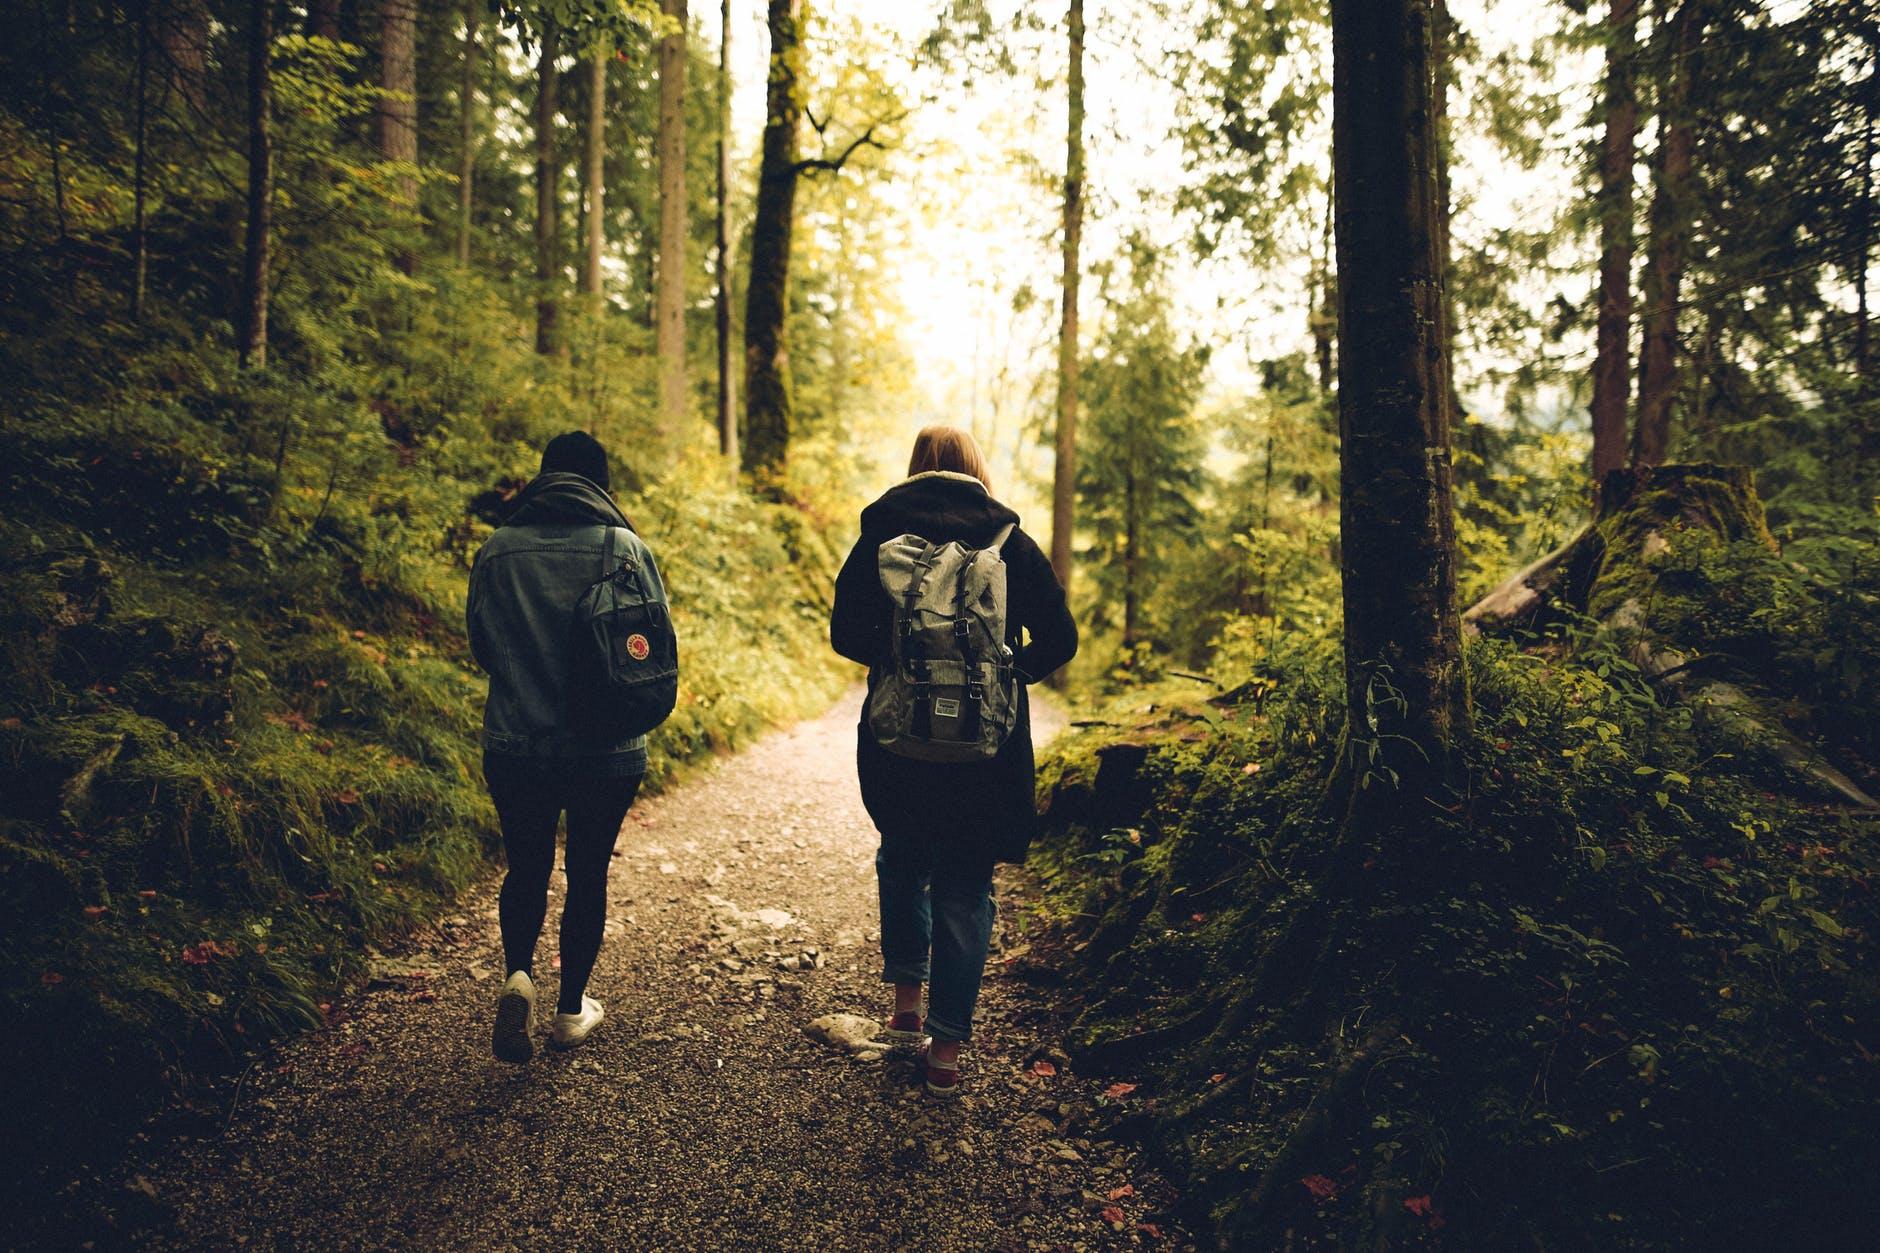 Wybierasz się do lasu? Promieniowanie emitowane przez twój smartfon może przyciągać kleszcze